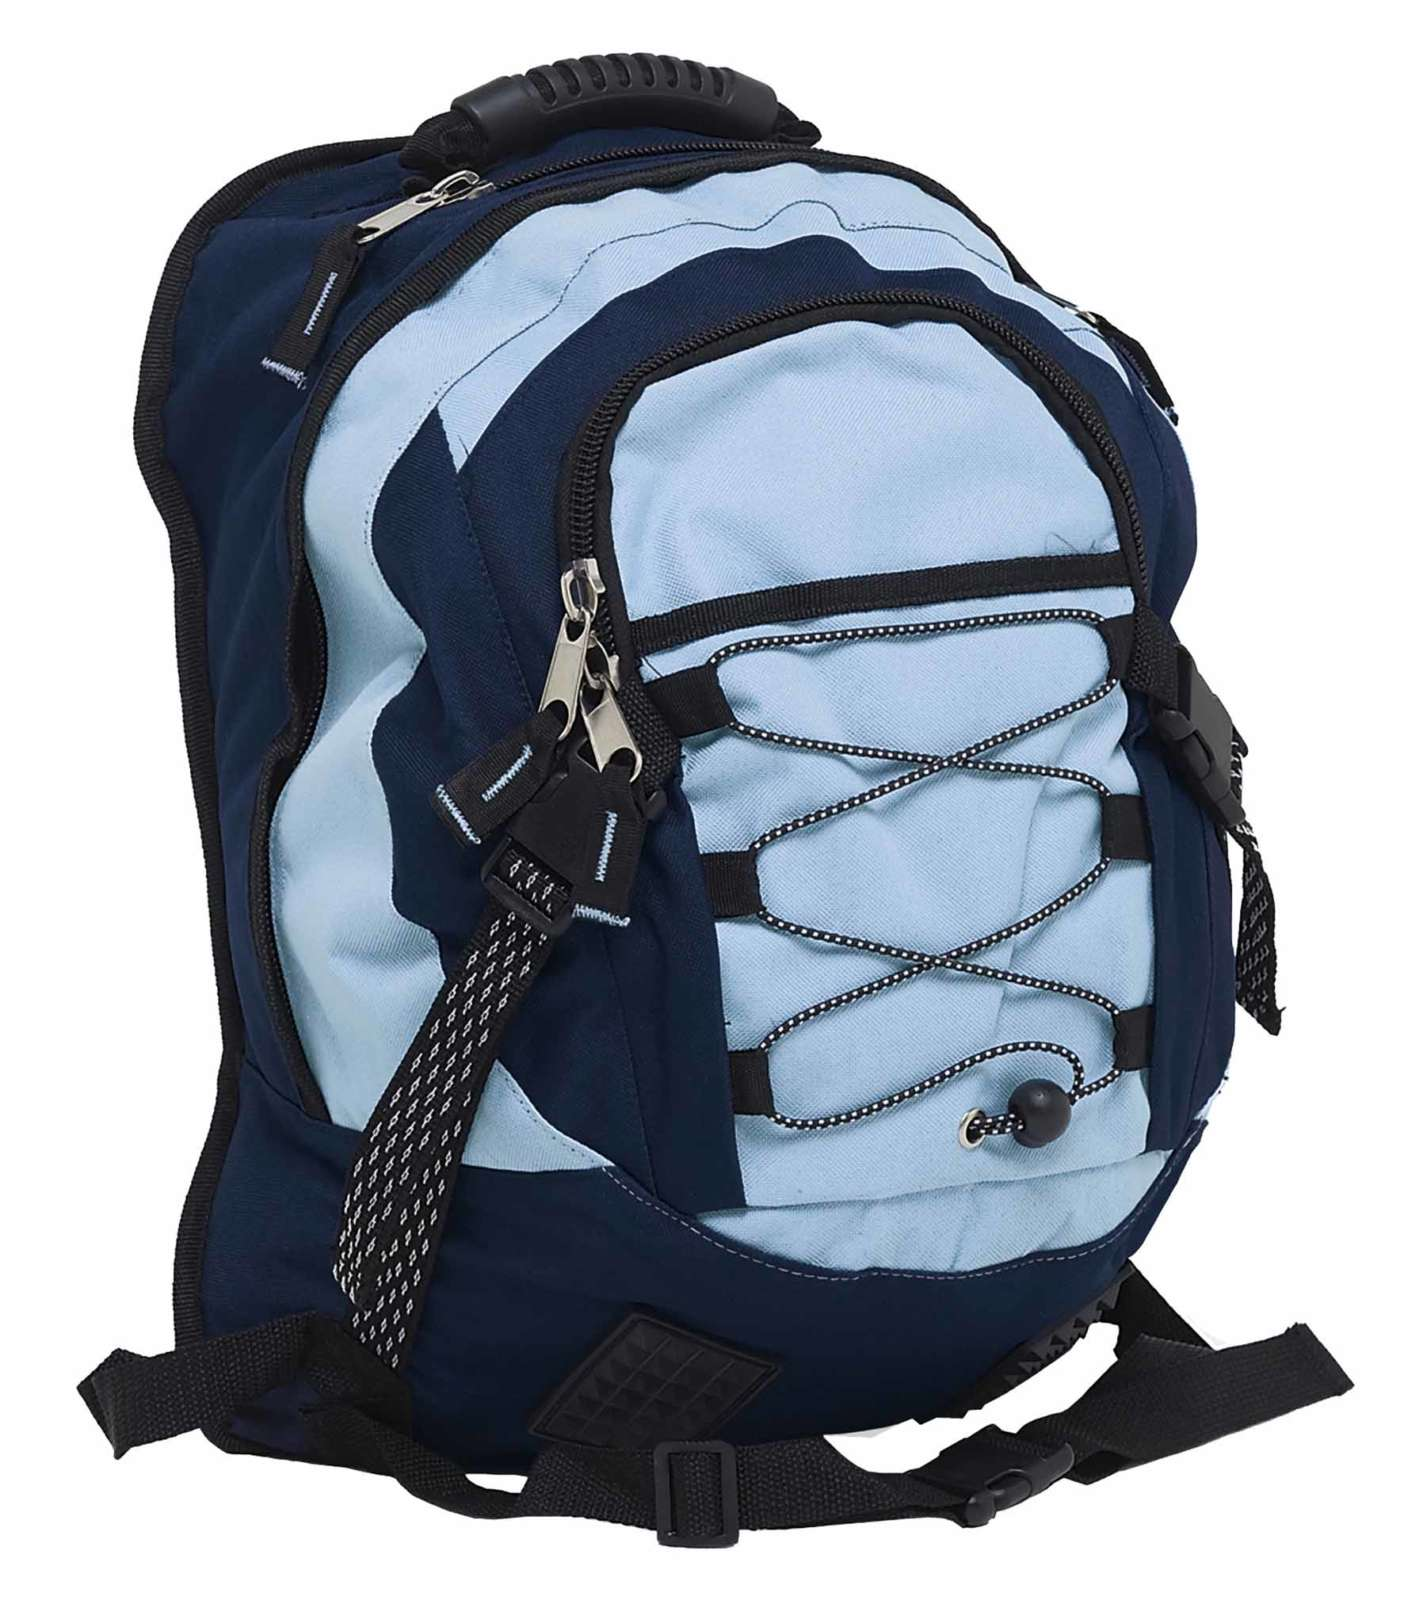 GFL Bags